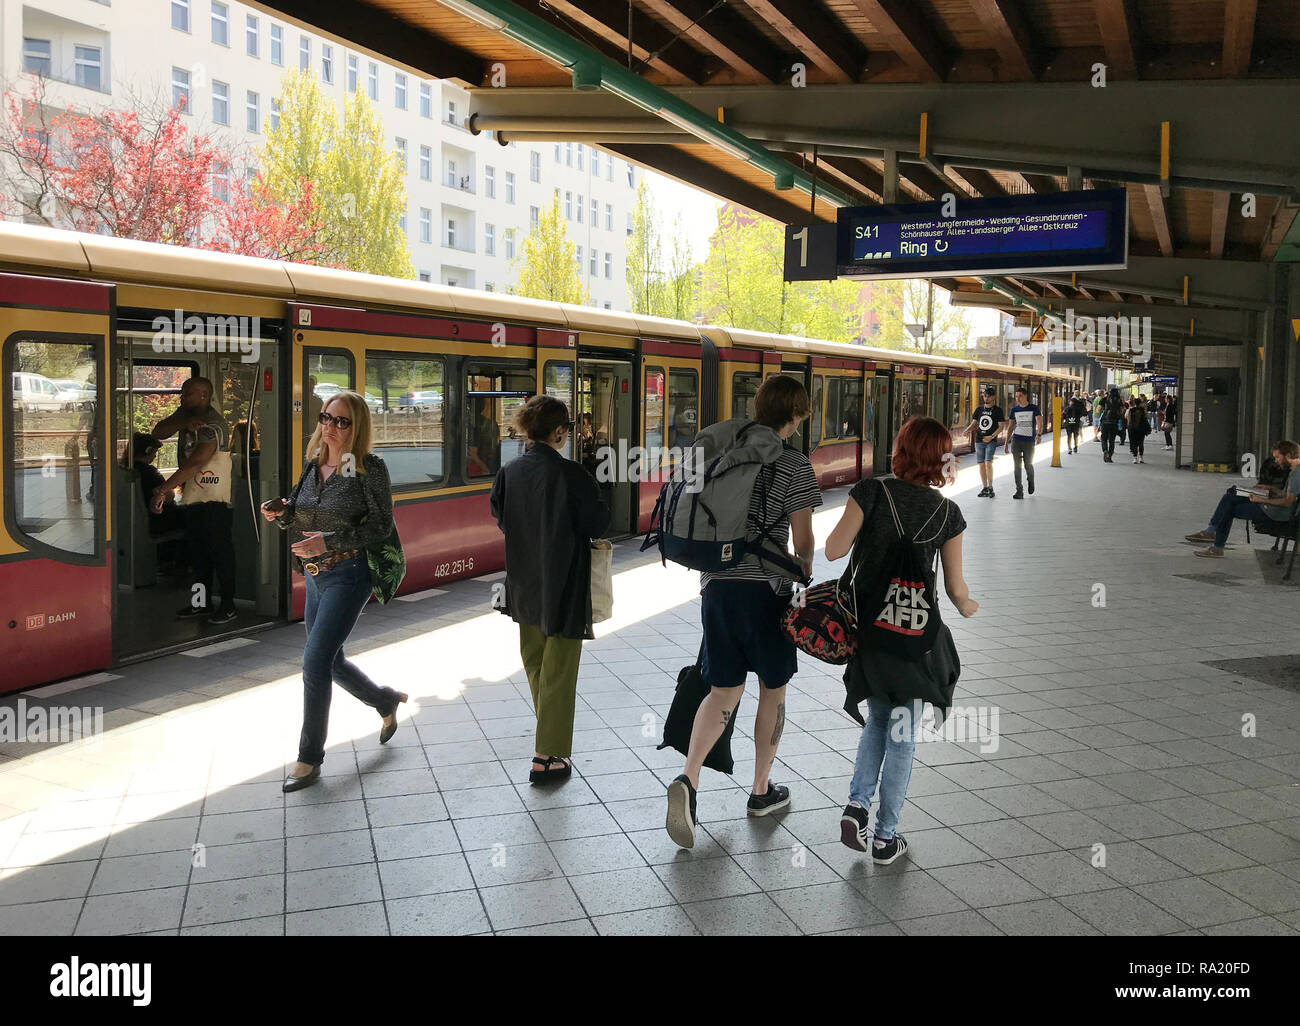 19.04.2018, Berlin, Berlin, Deutschland, Reisende auf dem S-Bahnsteig des Bahnhof Messe Nord/ICC. 00S180419D048CARO.JPG [MODEL RELEASE: NO, PROPERTY R - Stock Image